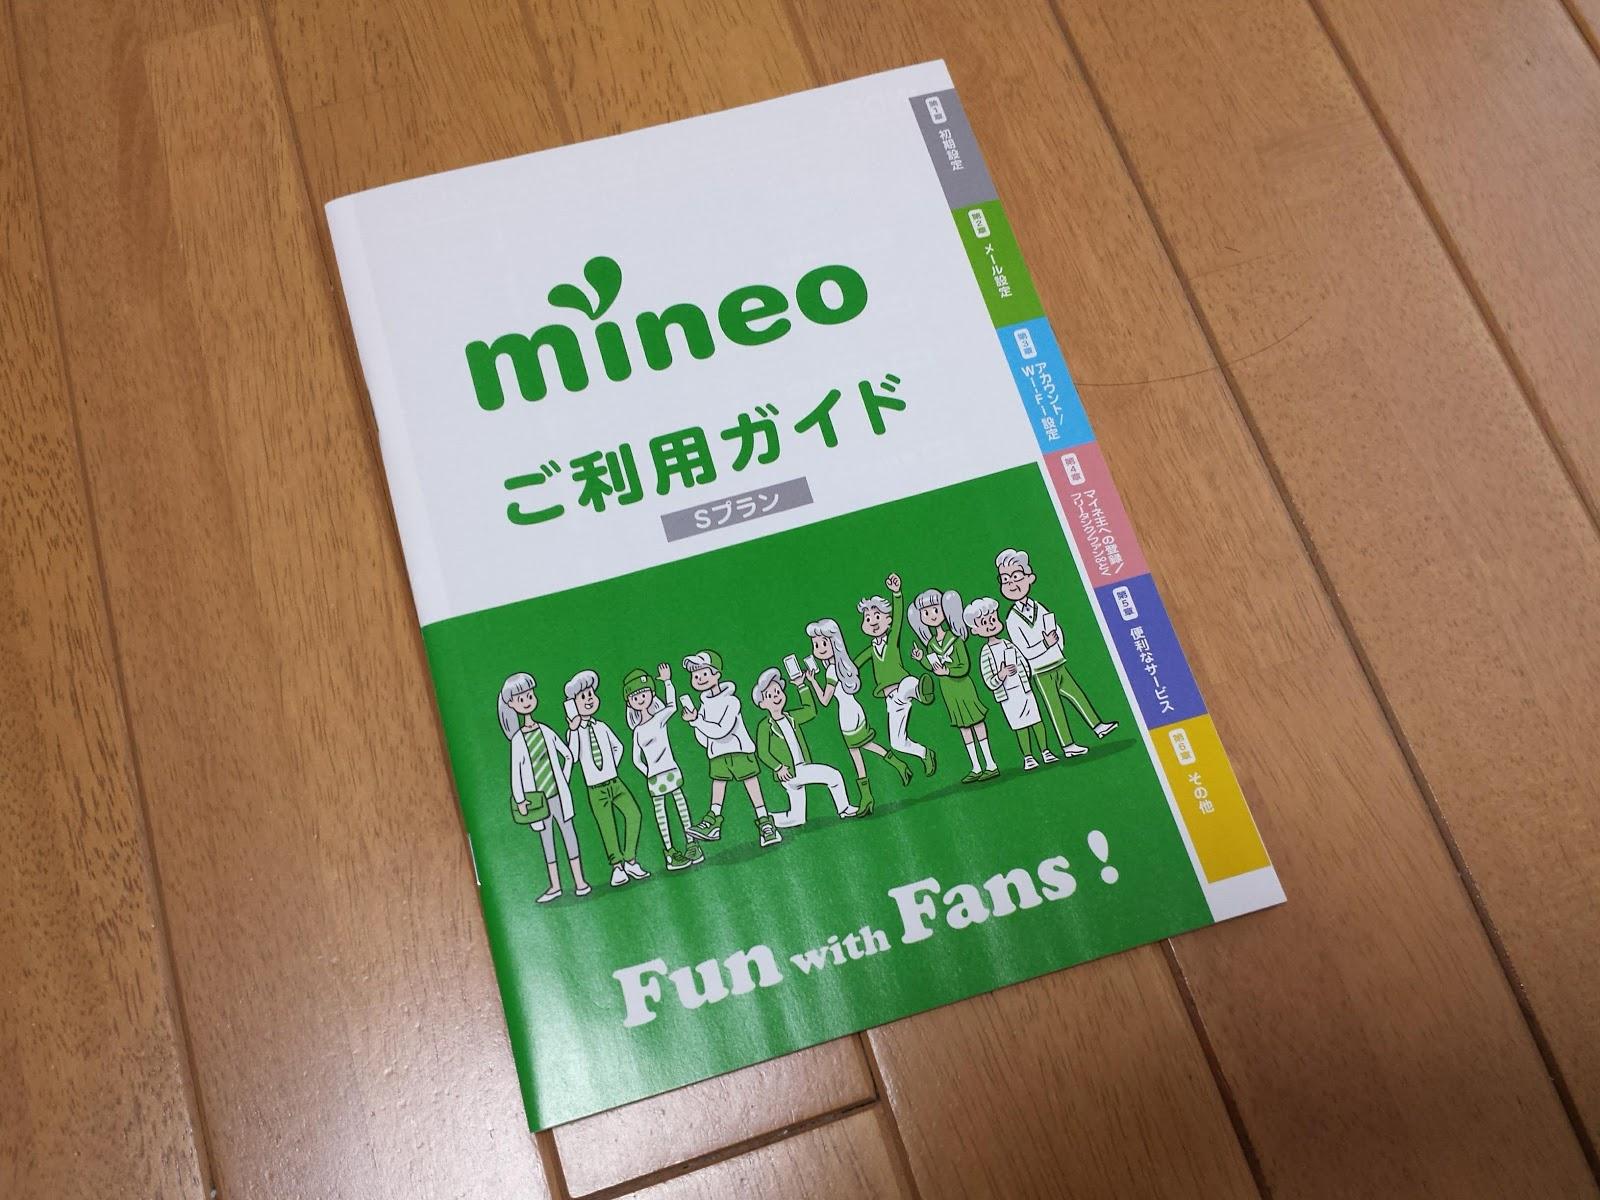 mineo ご利用ガイドブックが充実している